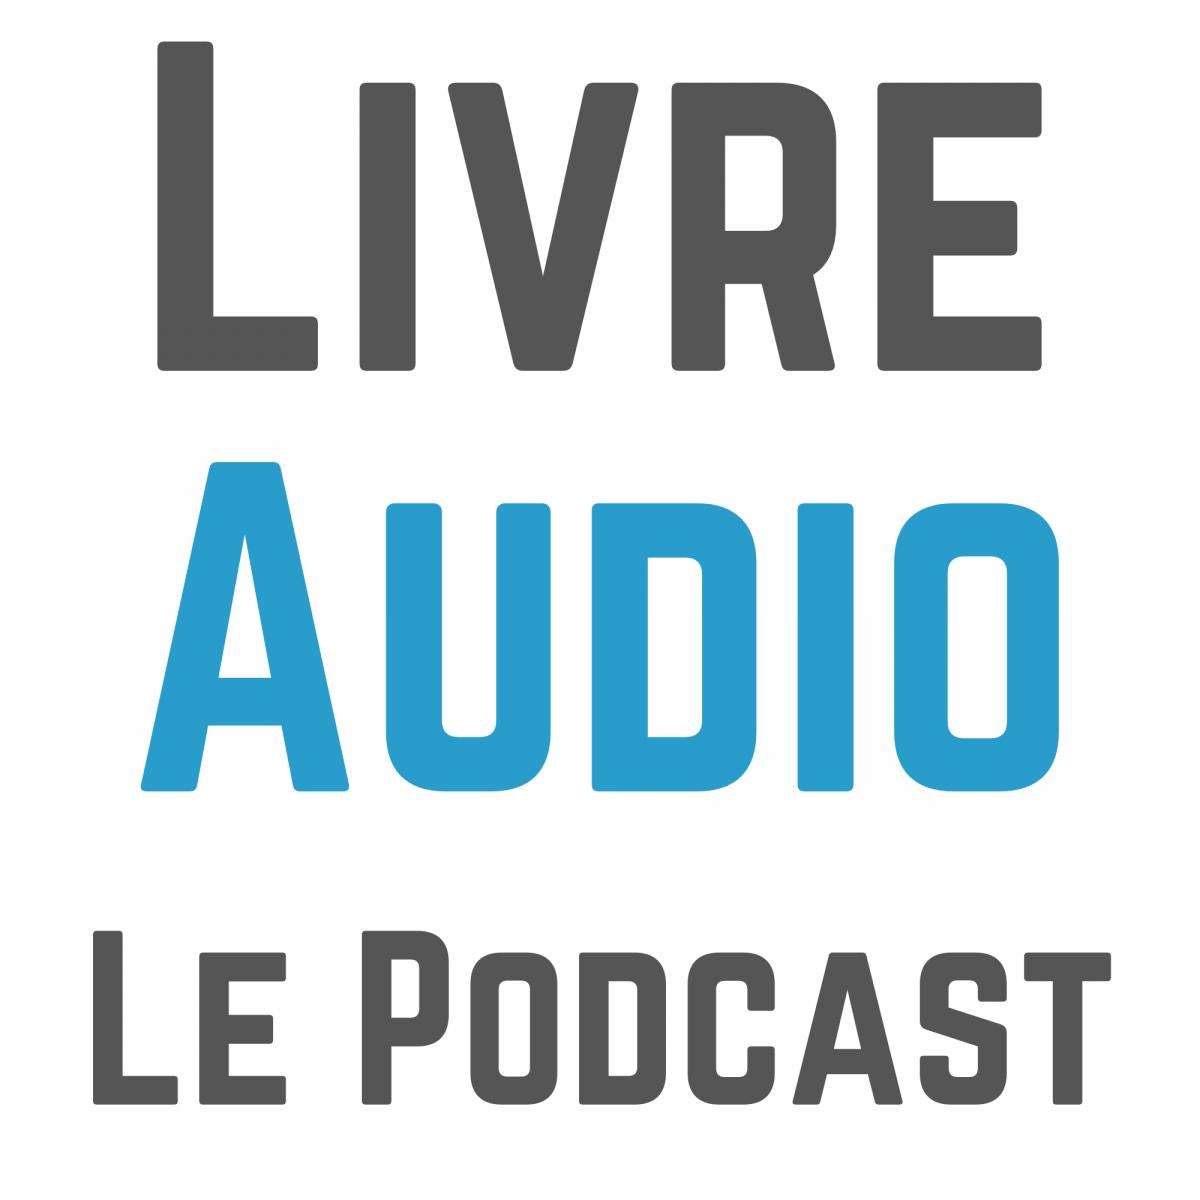 LivreAudioPodcast